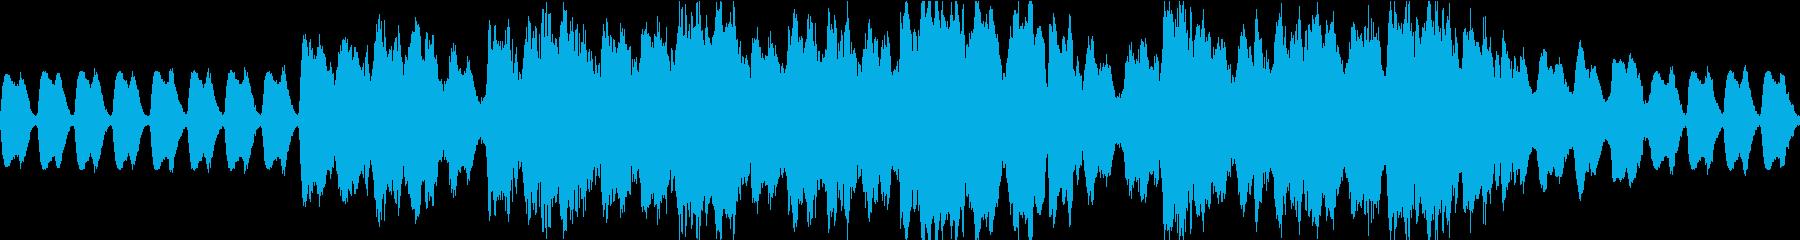 オーケストラ編成の戦士の行進曲の再生済みの波形